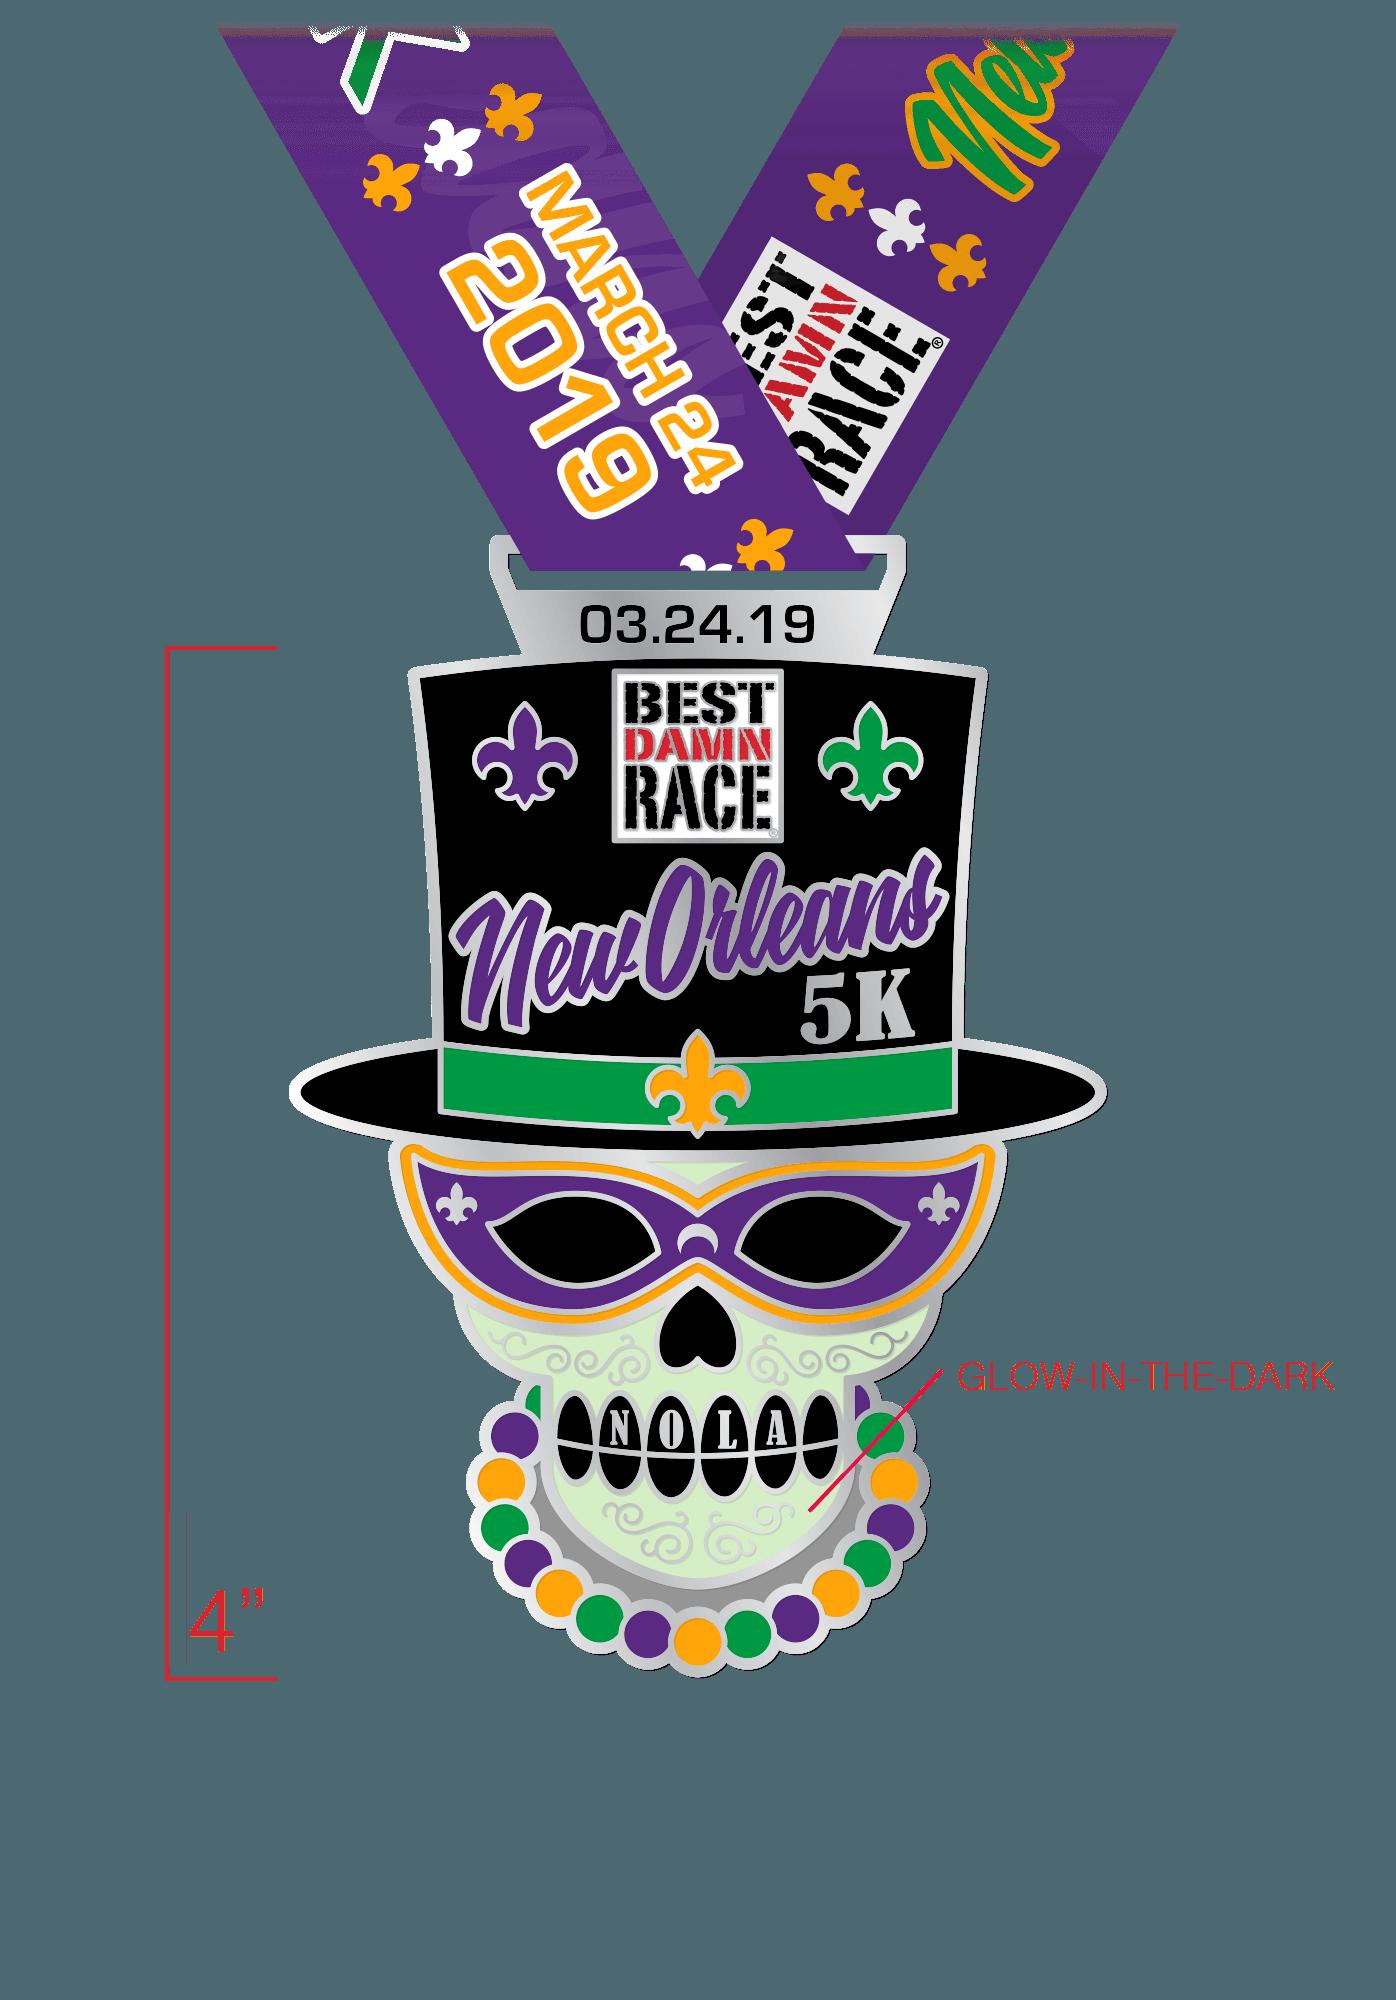 5K Medal - New Orleans 2018 - Best Damn Race